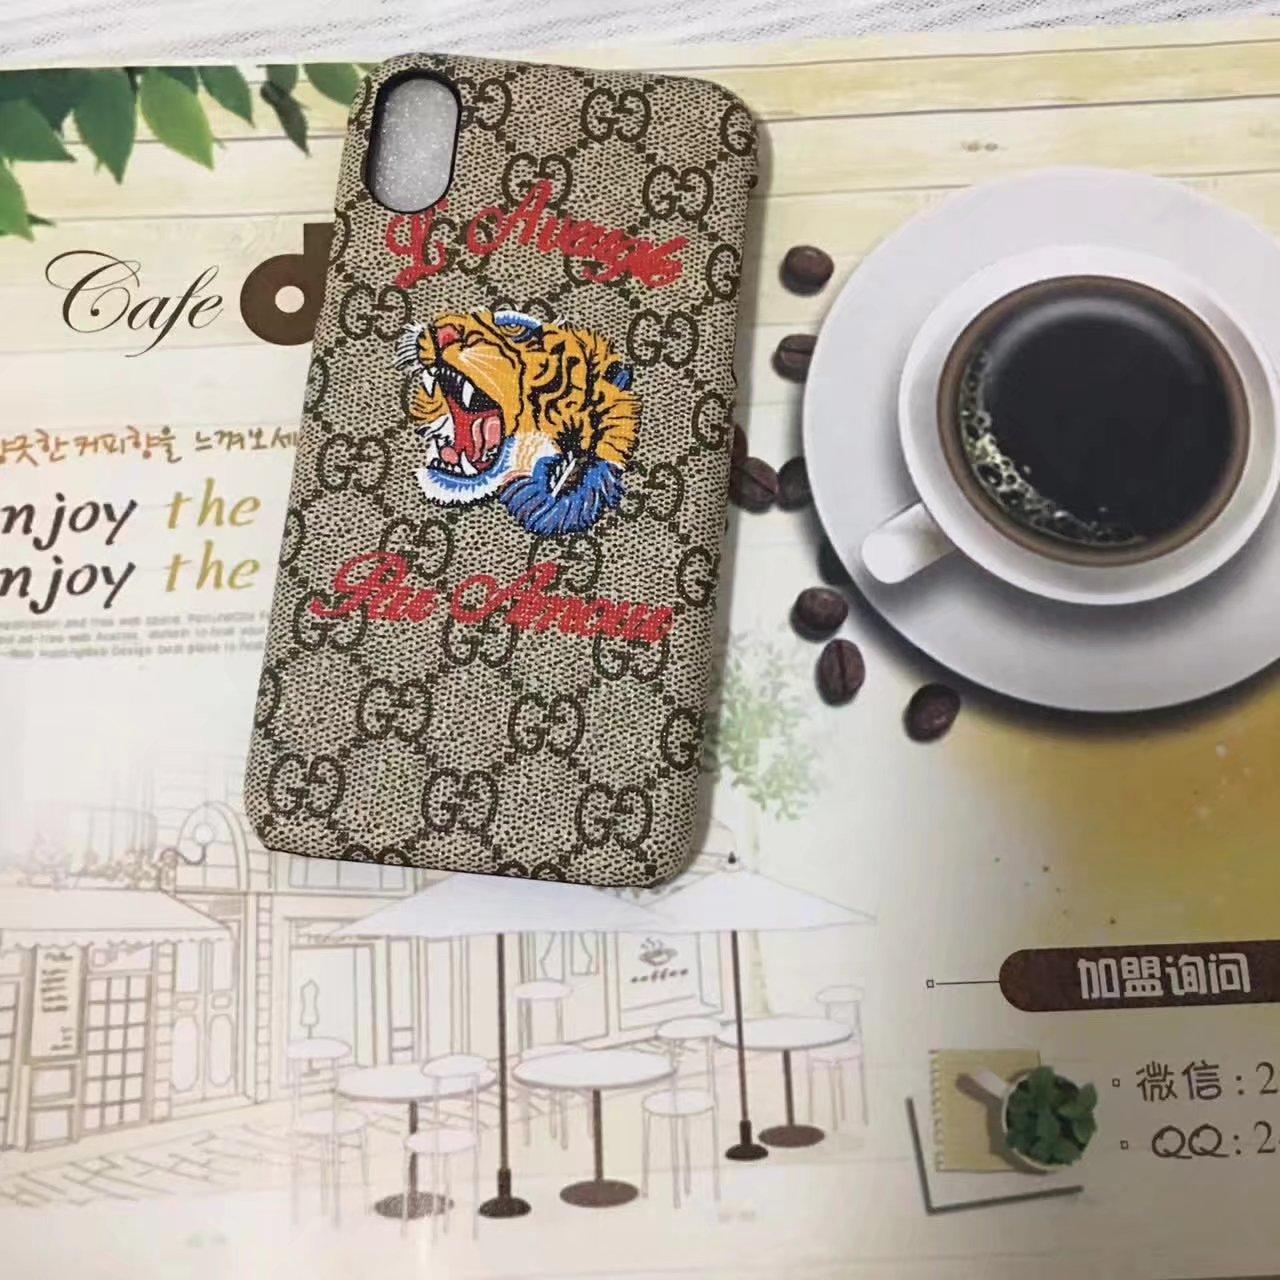 グッチ アイフォン8/Xケース レザー gucci iphone8 plus 衝撃 カバー レディース